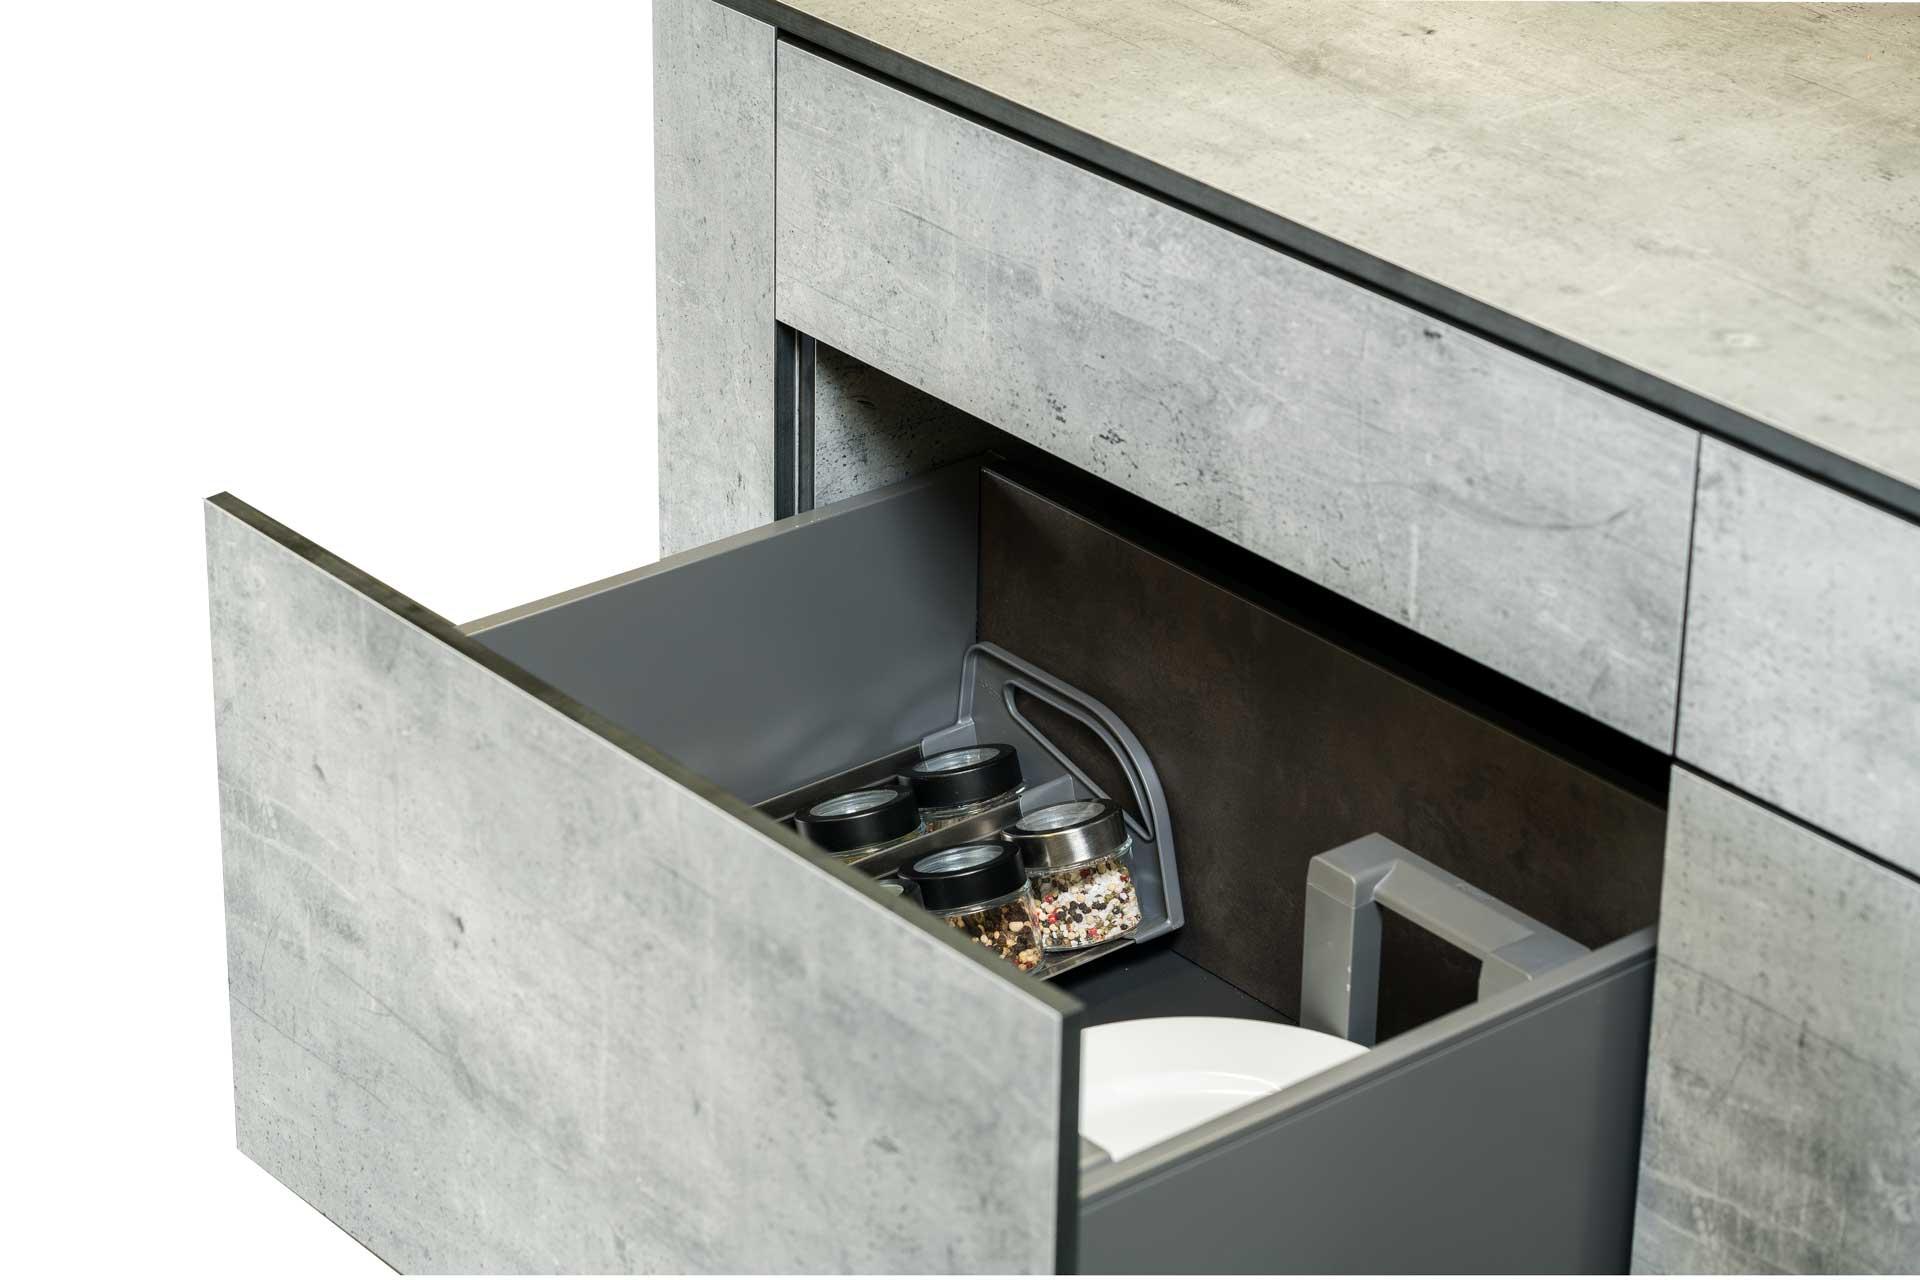 Outdoorküche Tür Reinigen : Edelstahl tür outdoor küche. küche modern planen wandtattoo spruch